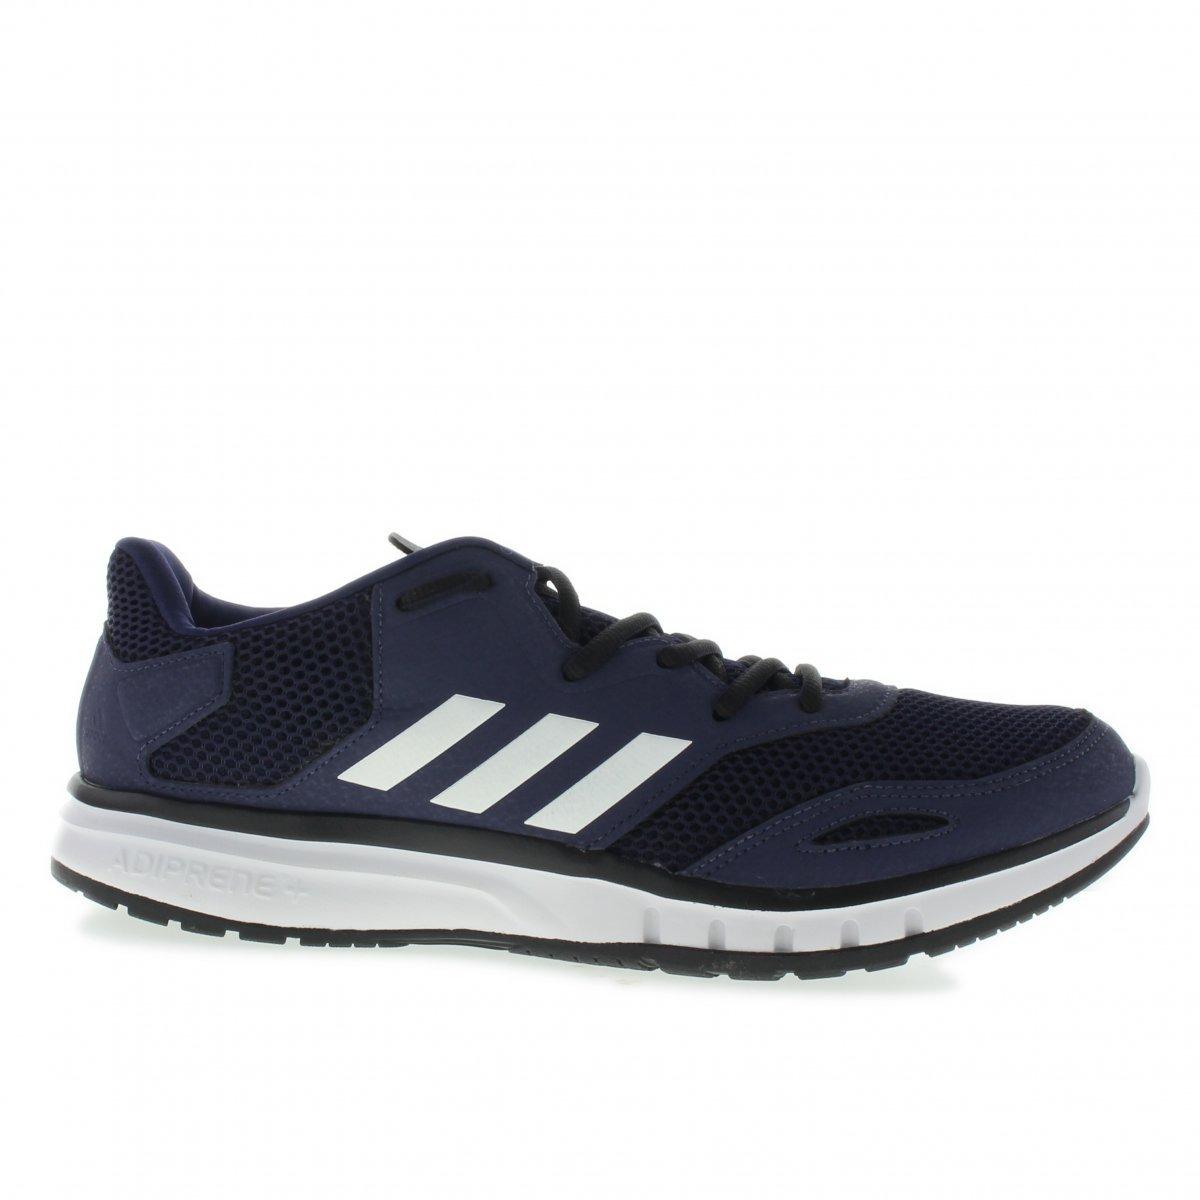 1bbf6fdb22 tênis adidas protostar m masculino bom p  corrida caminhada. Carregando  zoom.